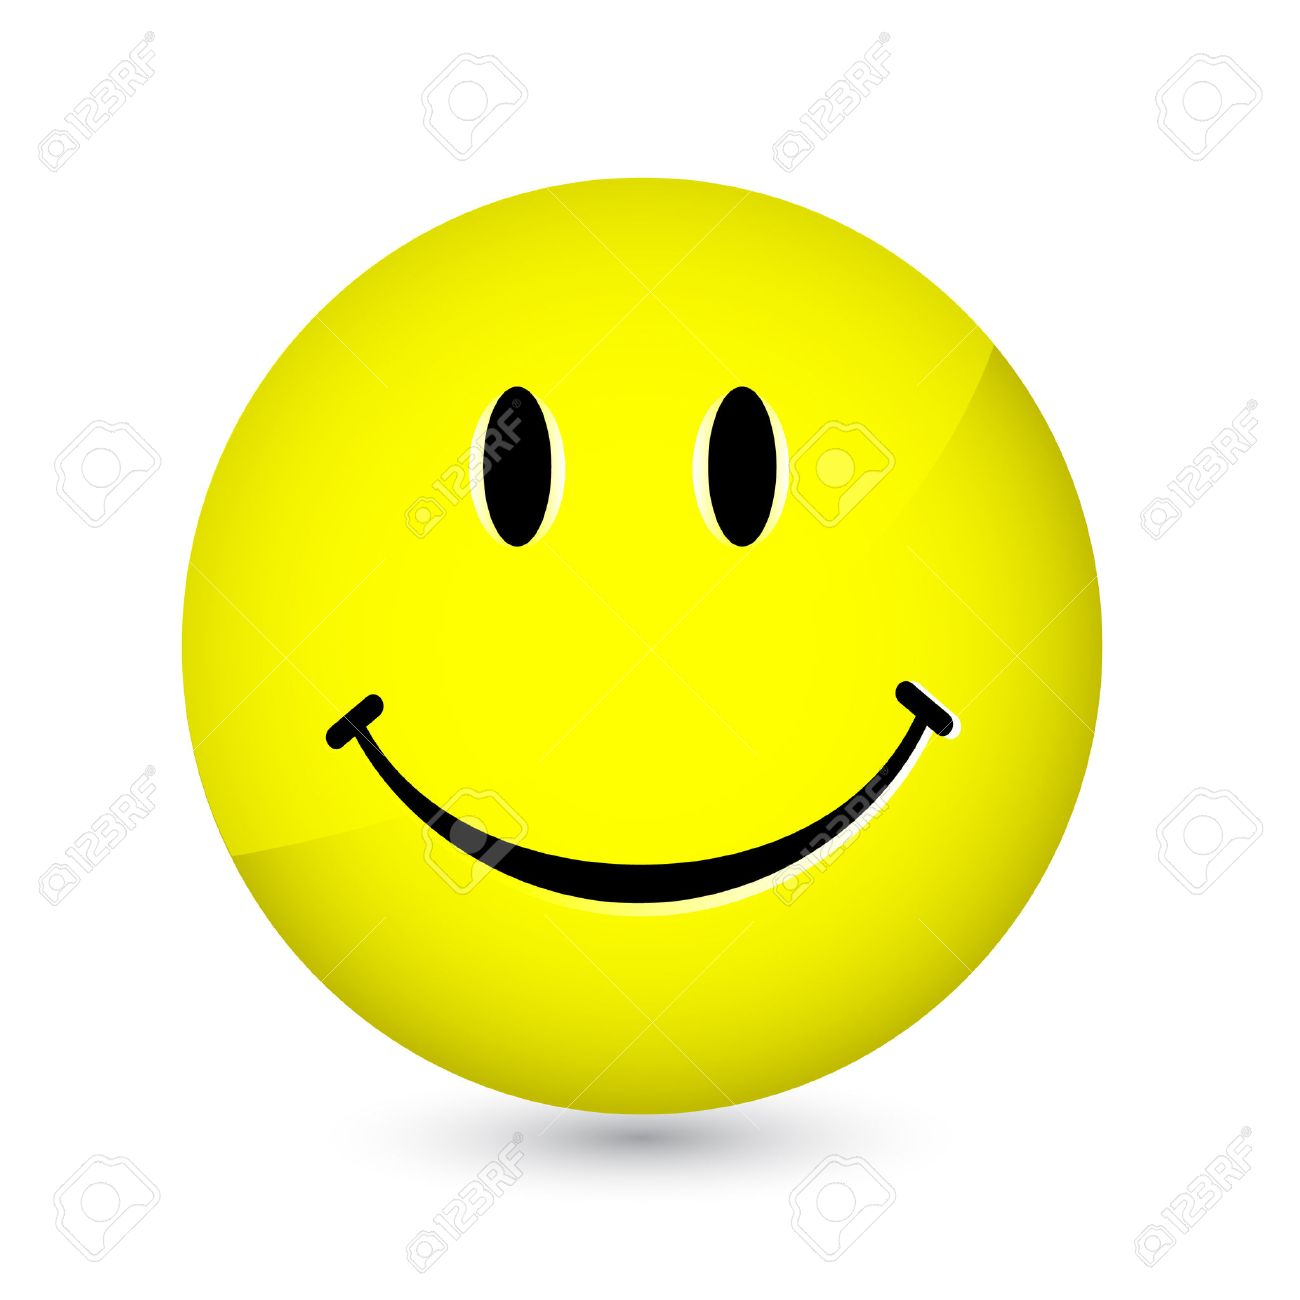 happy смайлик: